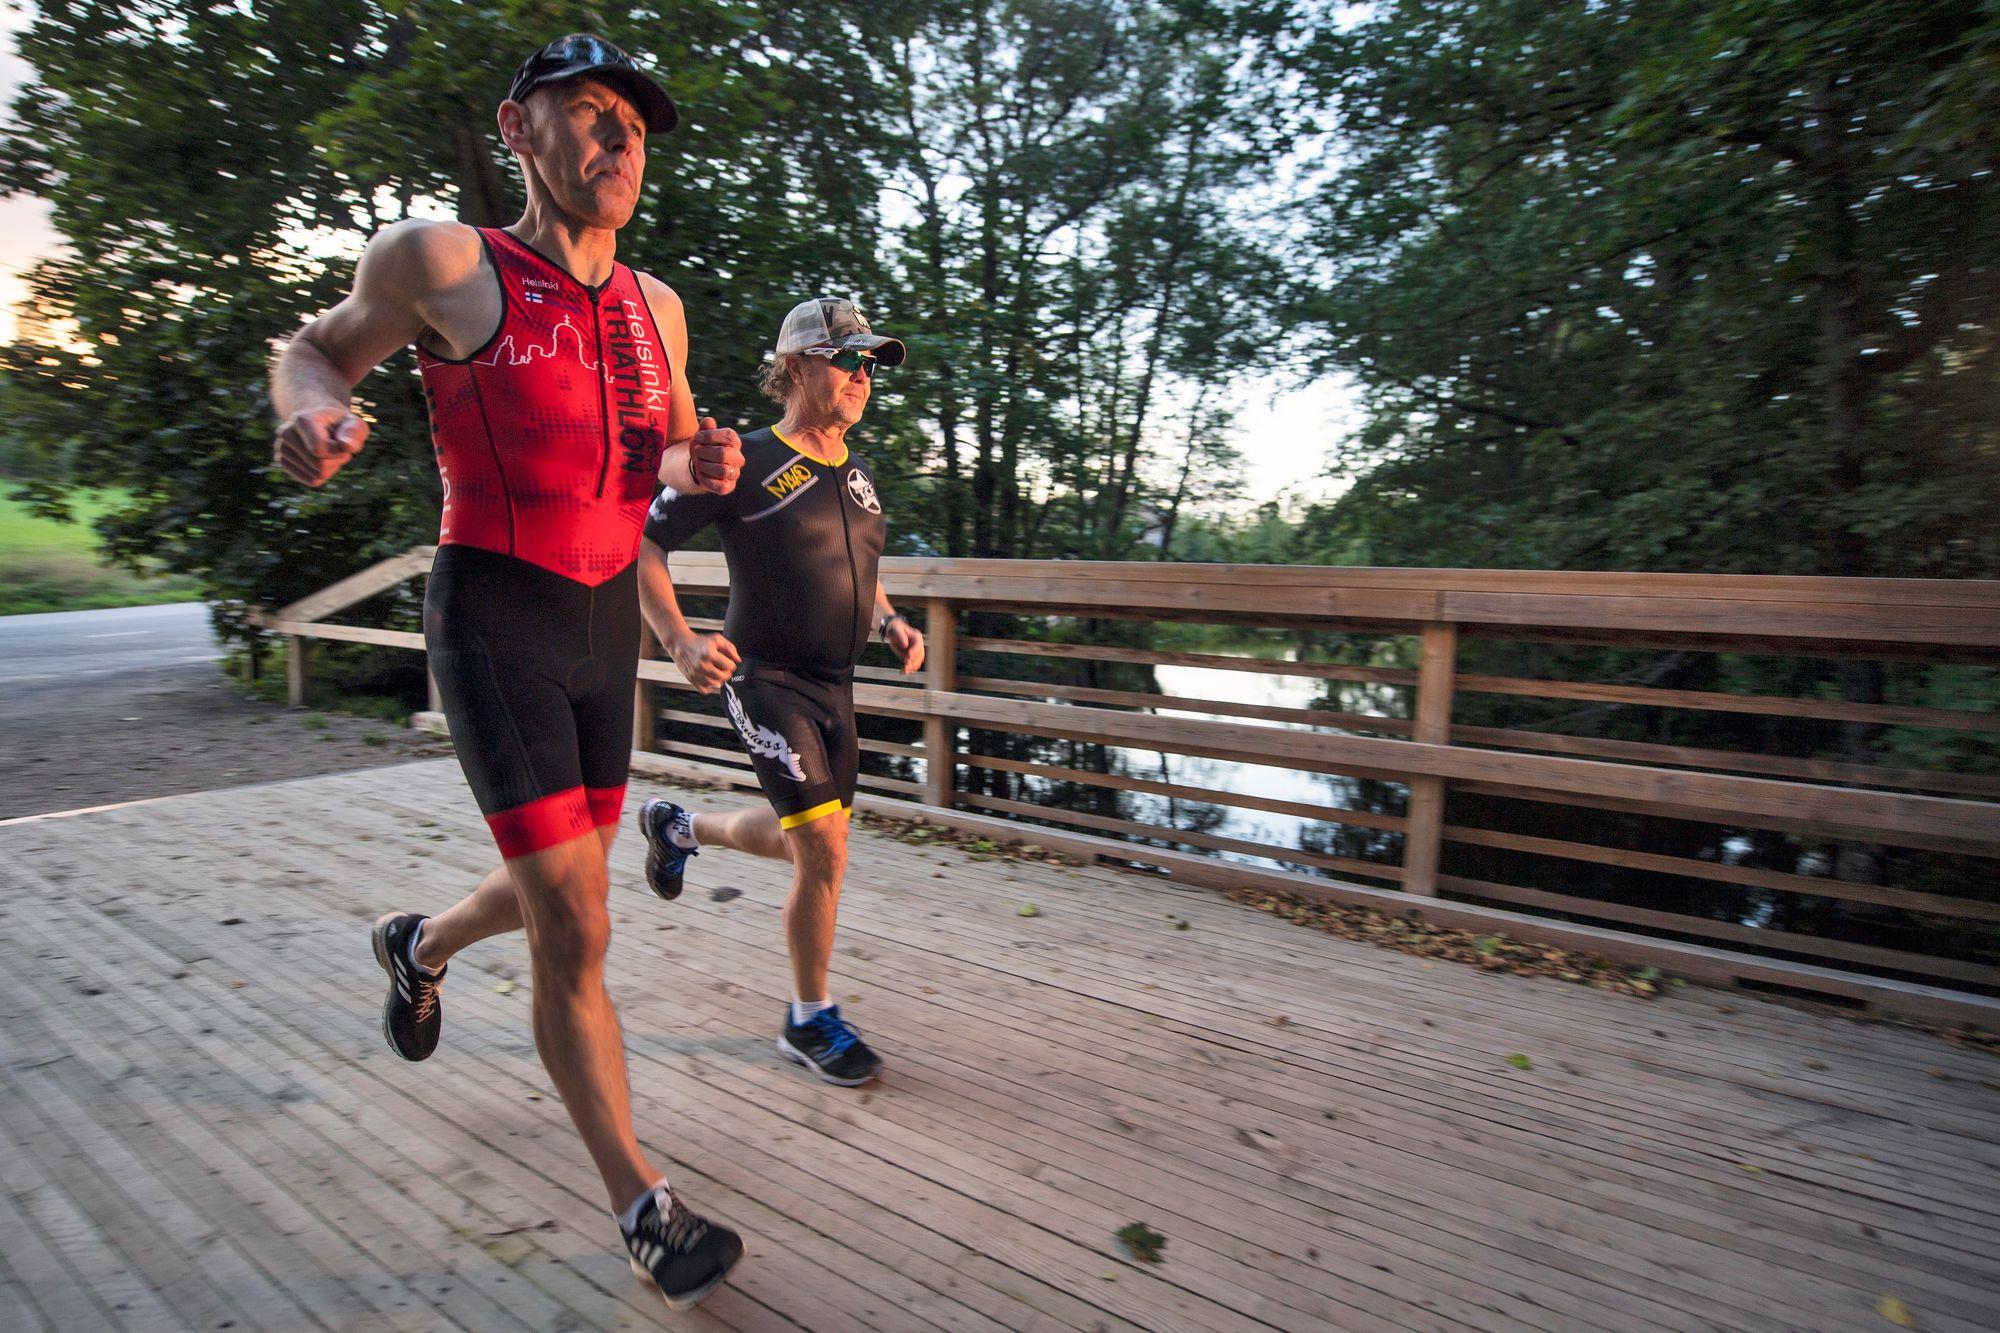 Juoksuvetoja voi tehdä yksinkin, mutta toinen on aina hyvä kirittäjä. Ironman-triathlonissa juostaan täysmittainen maraton. © Vesa Koivunen